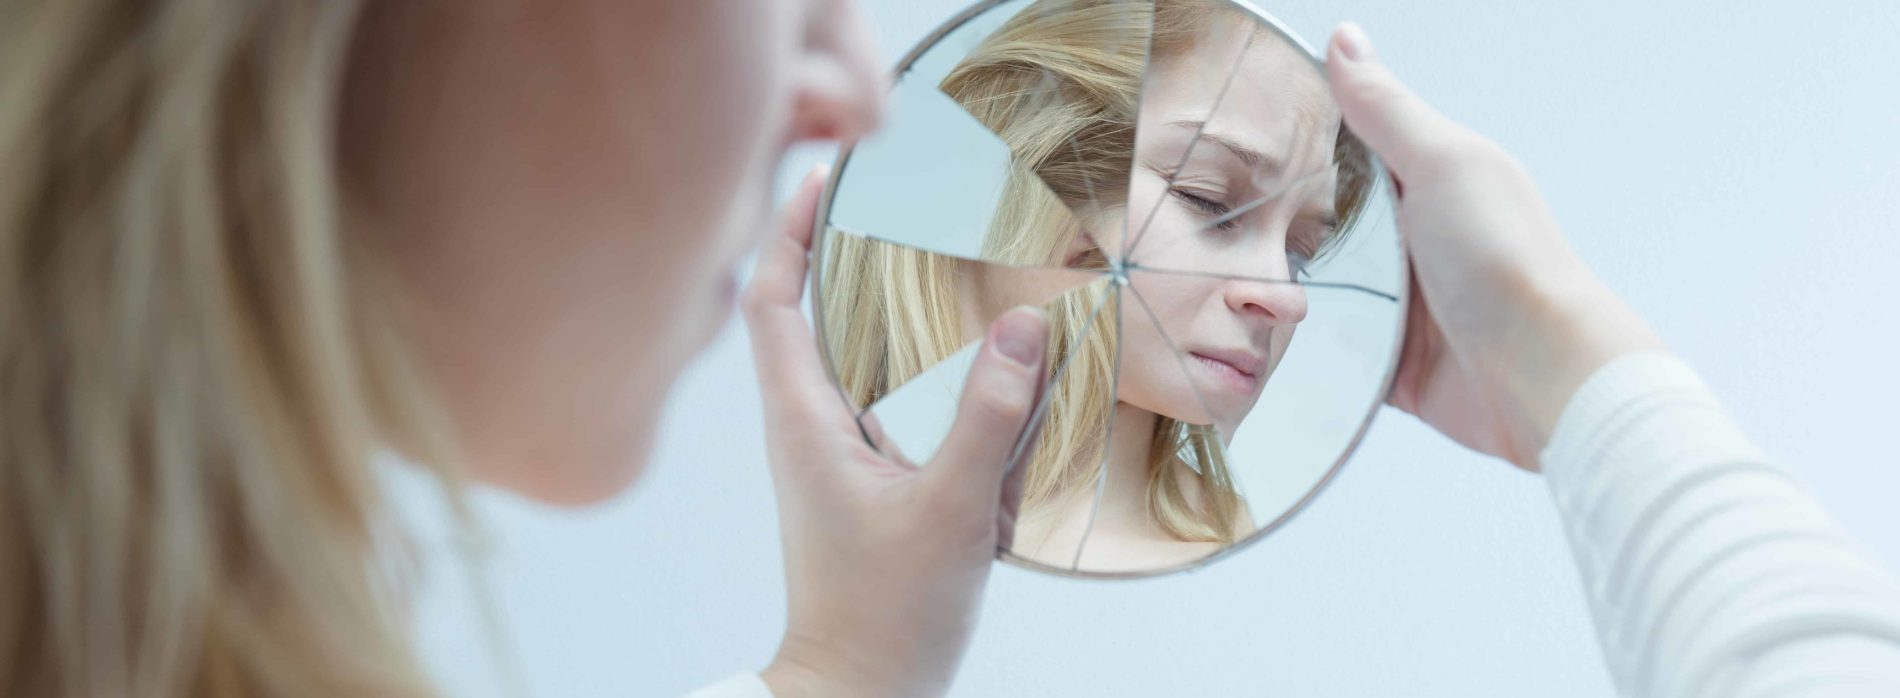 klinik-windach-persoenlichkeitsstoerung-behandlung